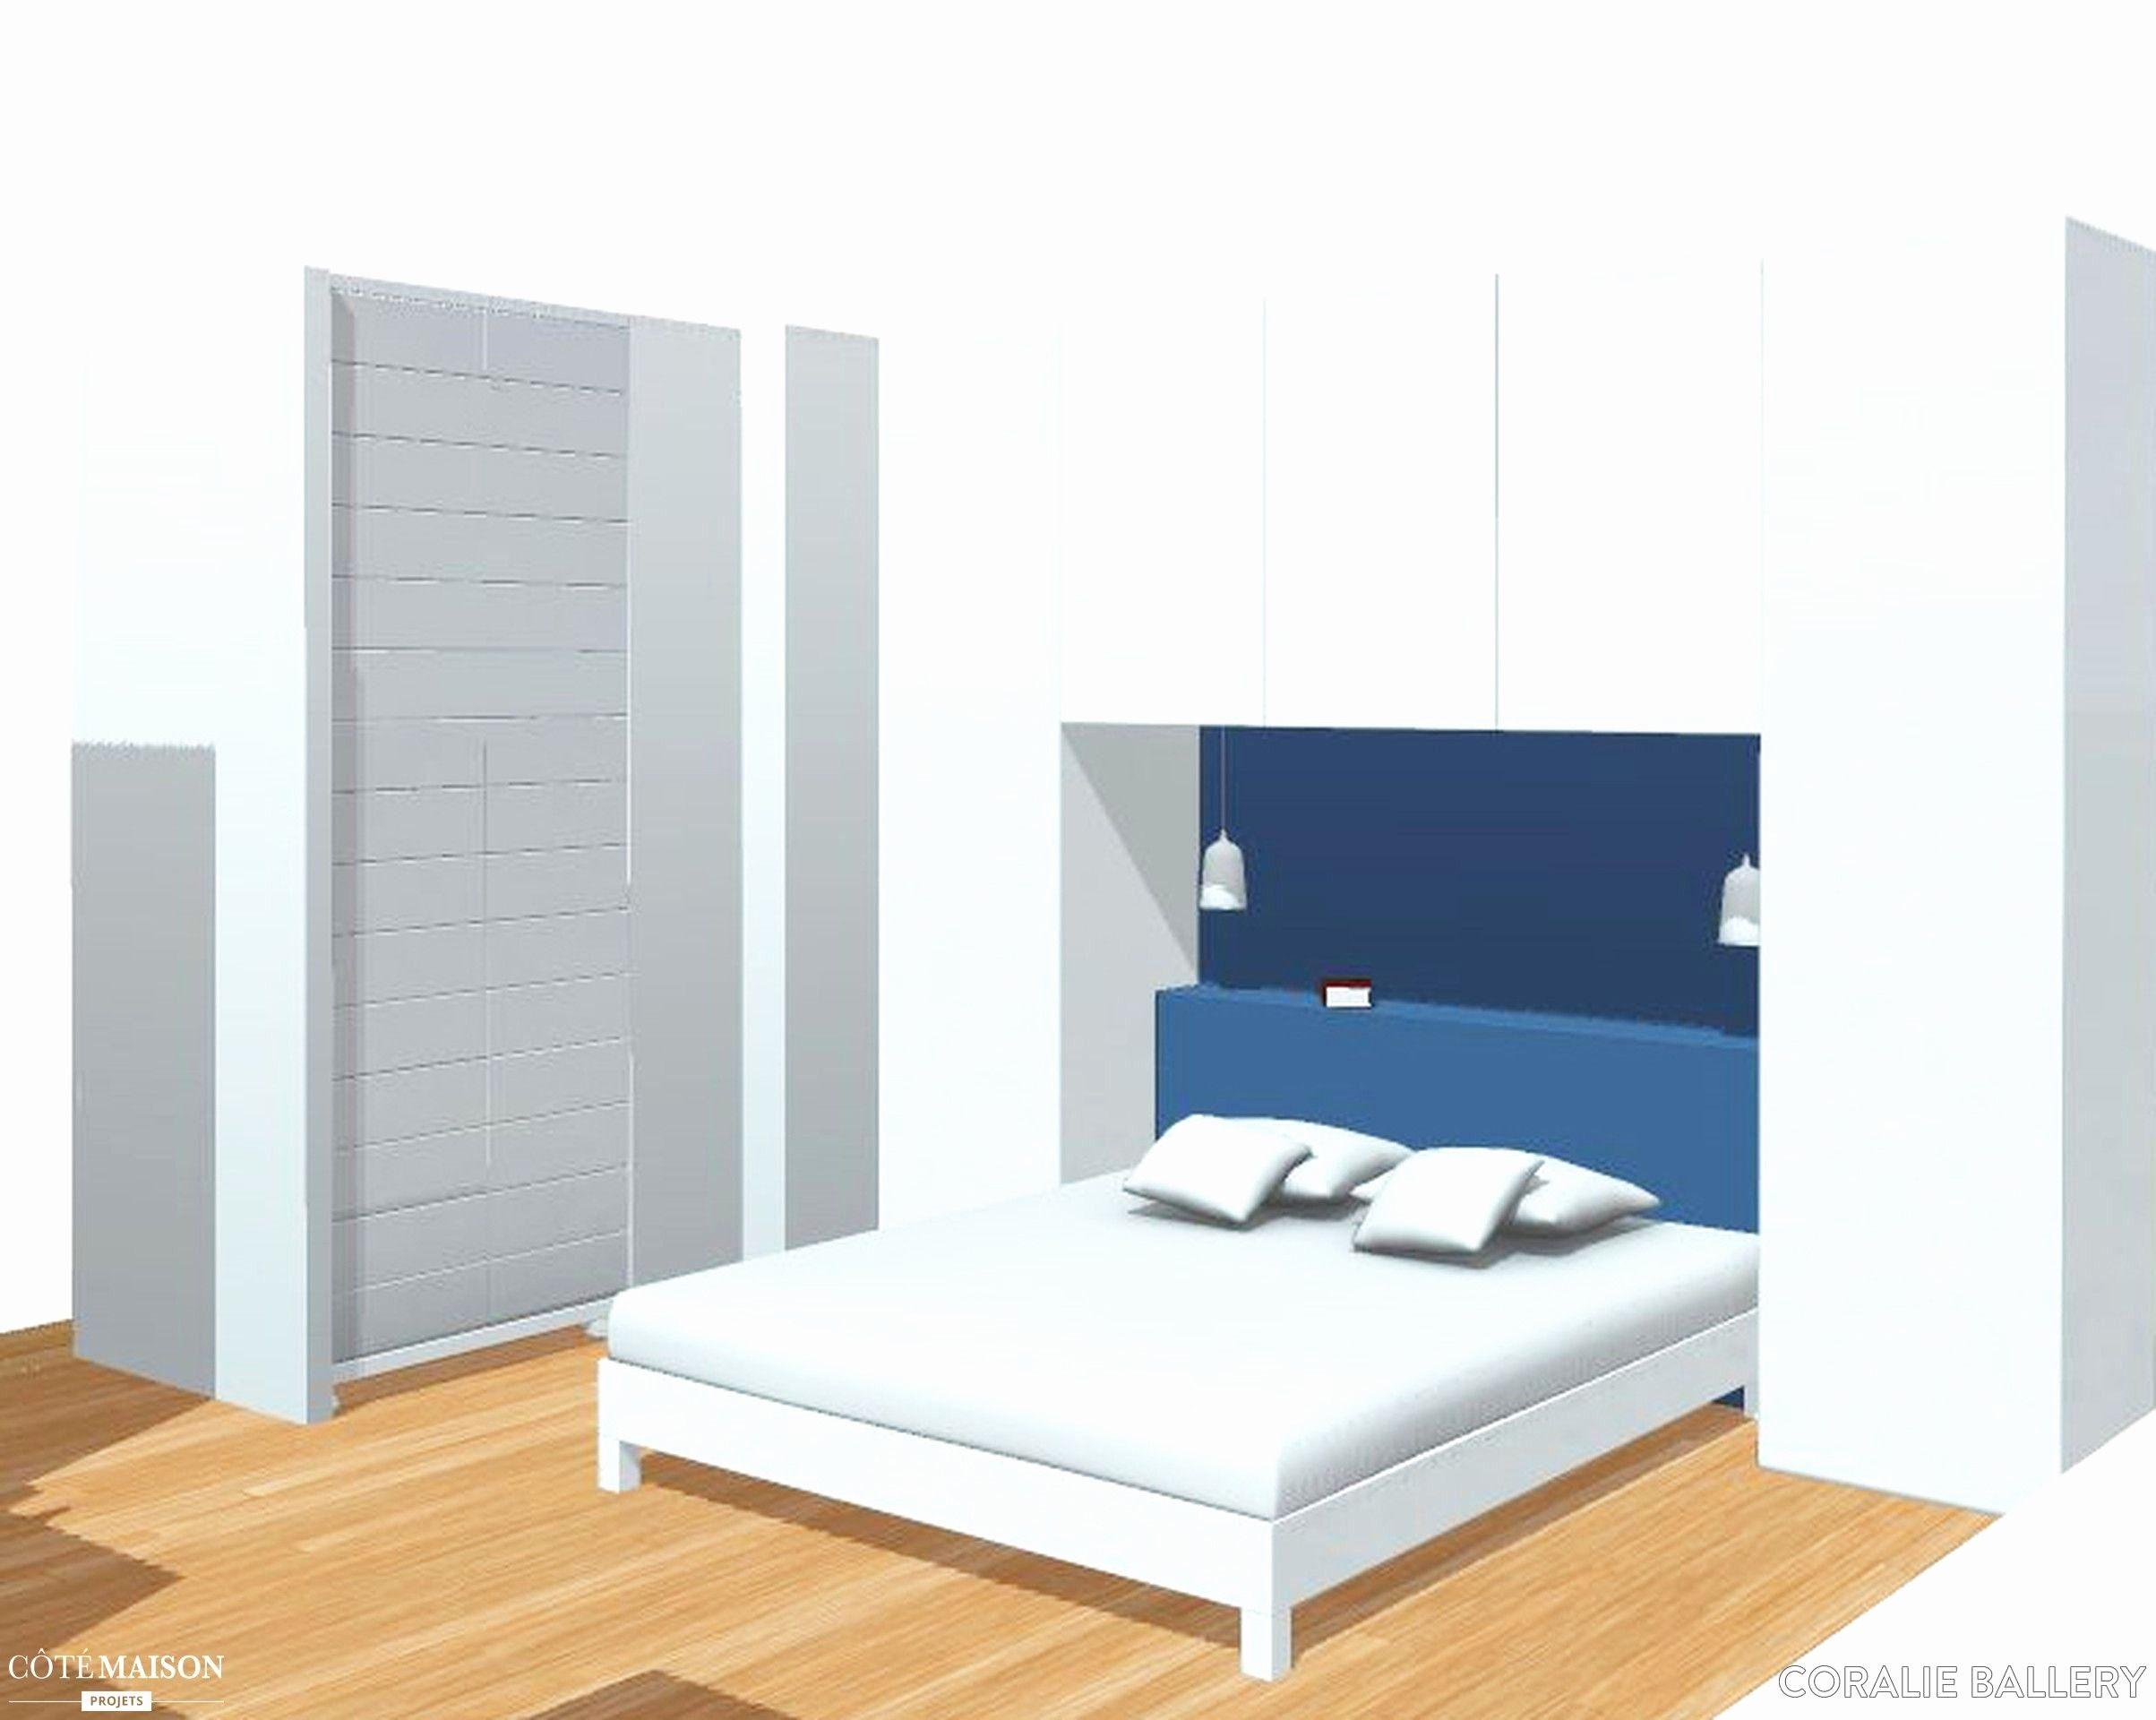 Tete De Lit Ikea Mandal Élégant Lit A Baldaquin Ikea De 63 élégant De Ikea Lit Mandal